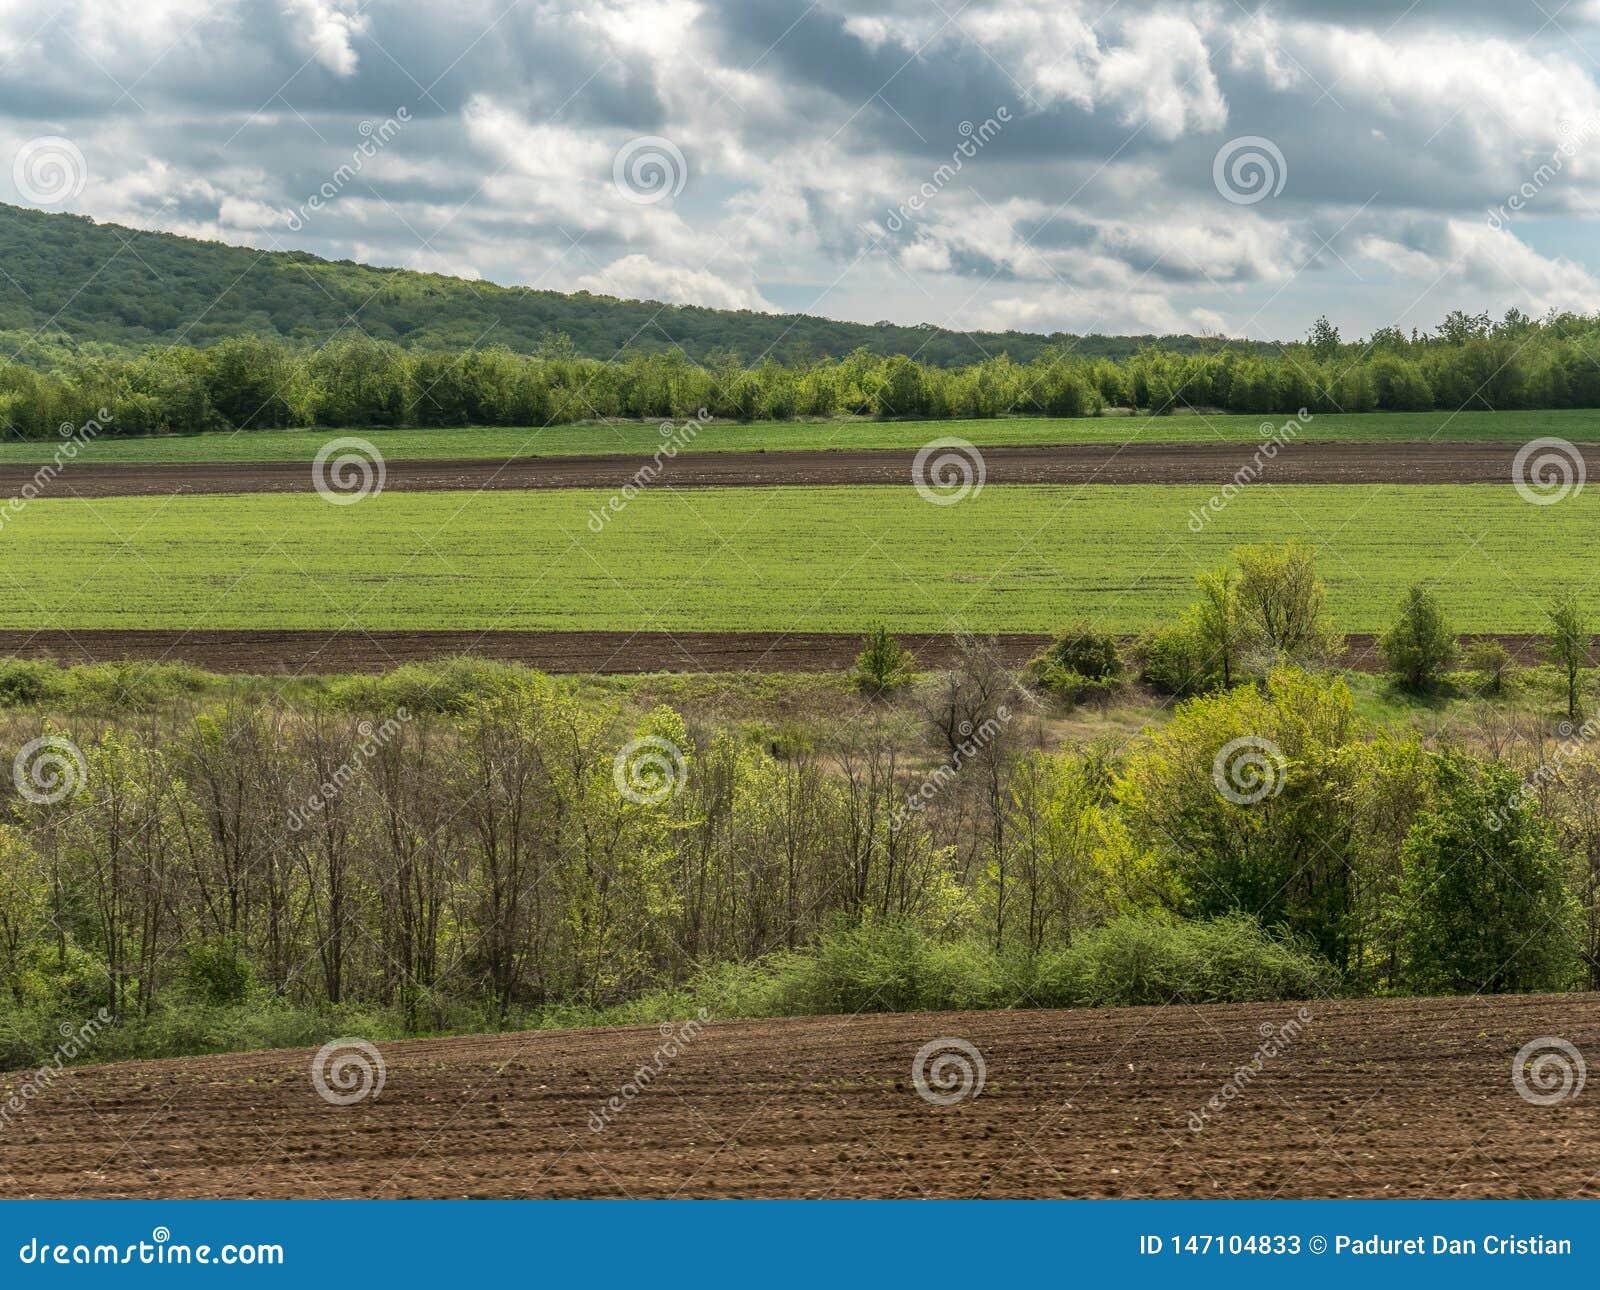 Paesaggio con i campi di agricoltura e le aree verdi su Sunny Day con il cielo nuvoloso